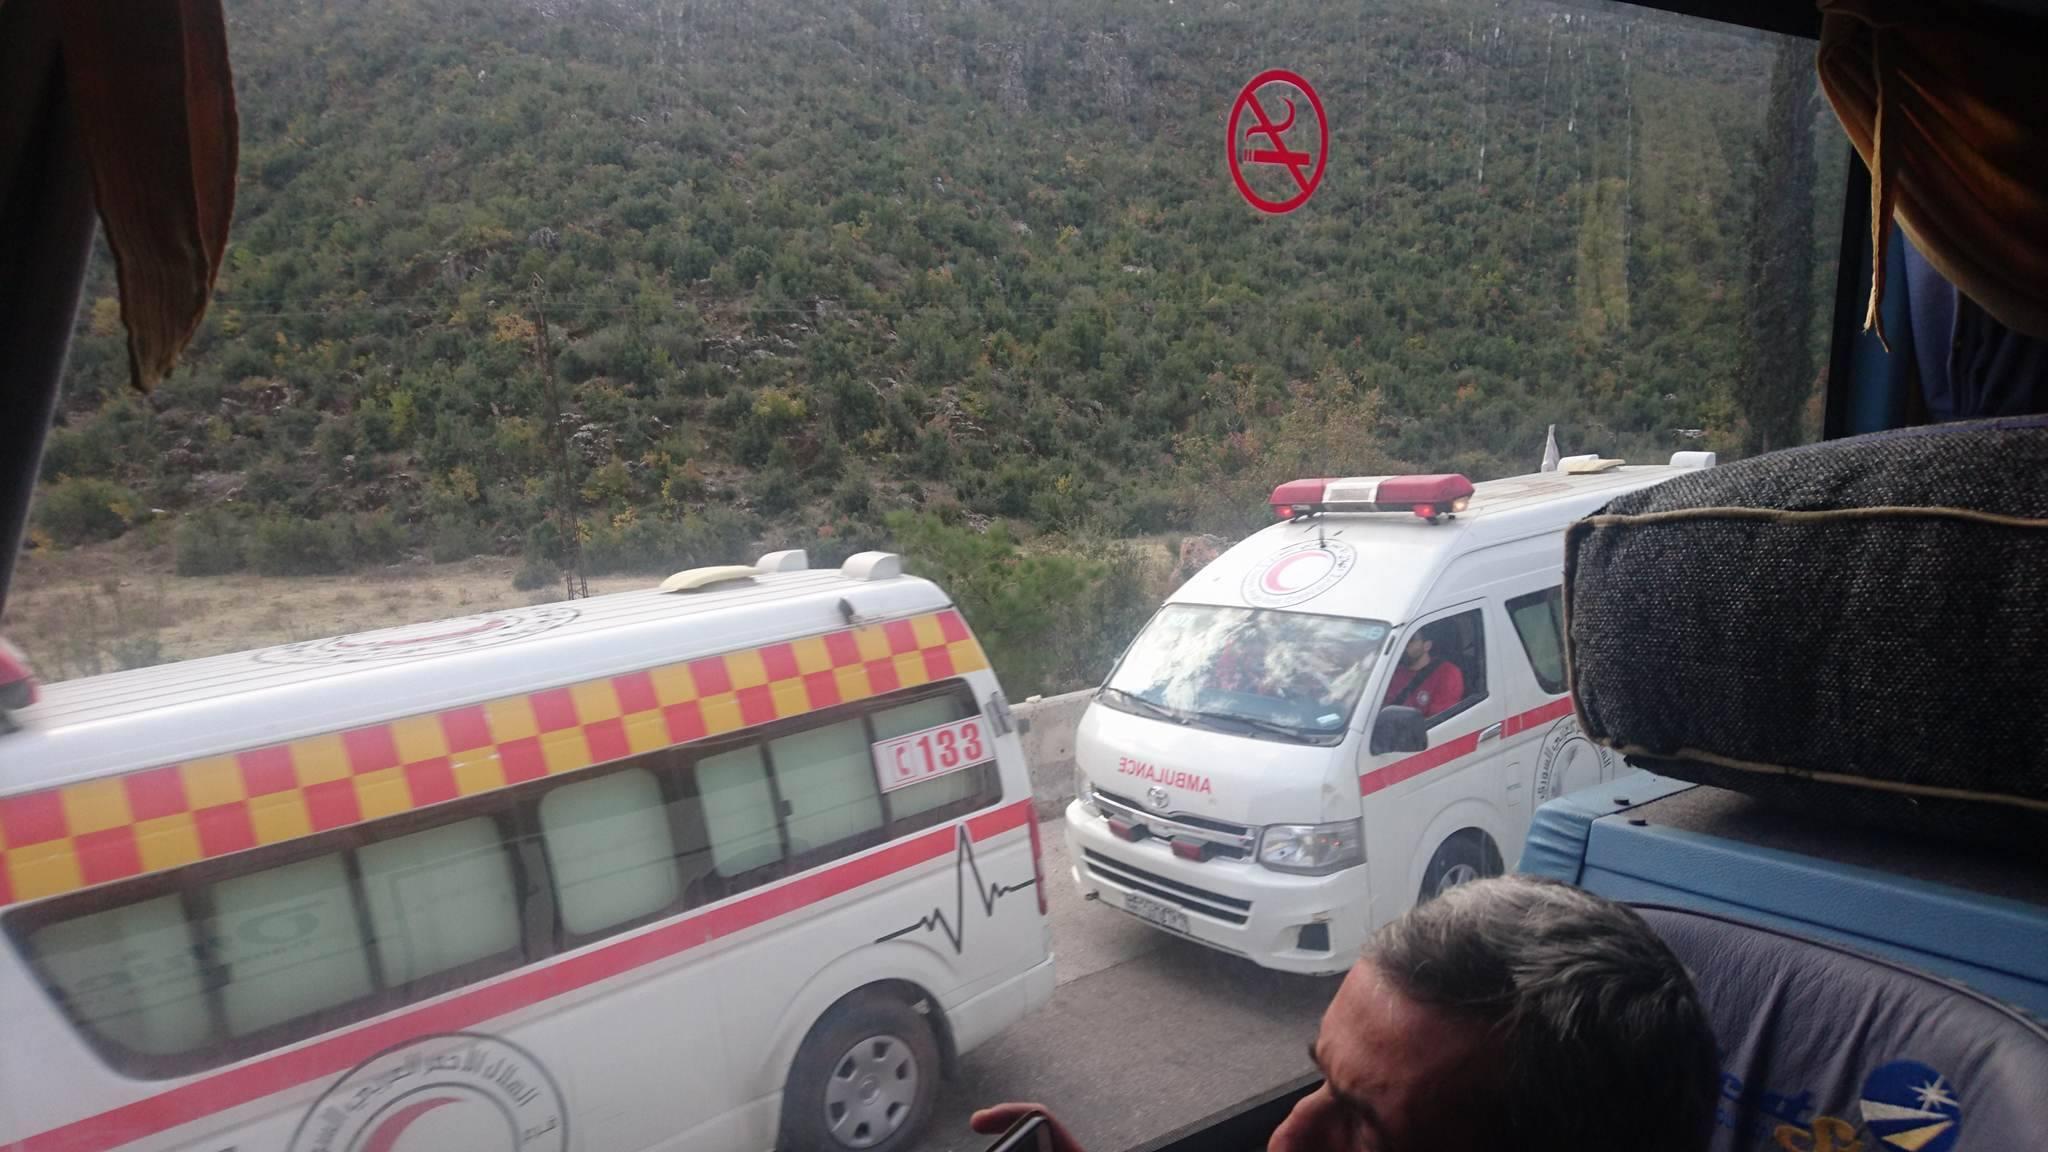 صورة من الحادث المروري على طريق قلعة المضيق - 29 تشرين الثاني (حسابات شخصية في فيس بوك)